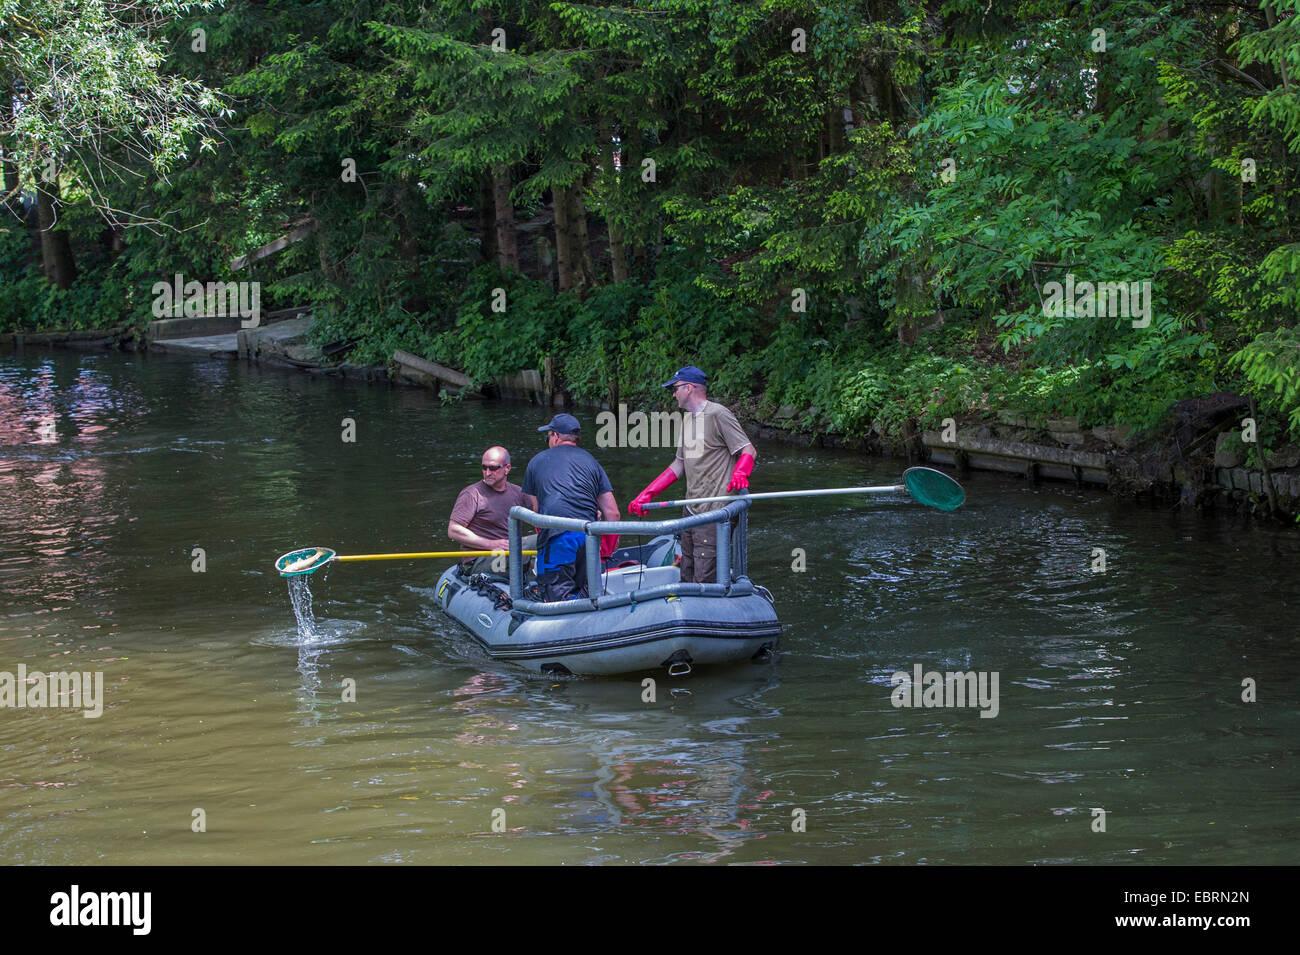 Elektrobefischung, Bestandskontrolle für EU Wasser Rahmen Richtlinie, Deutschland, Bayern, Fluss Dorfen Stockbild